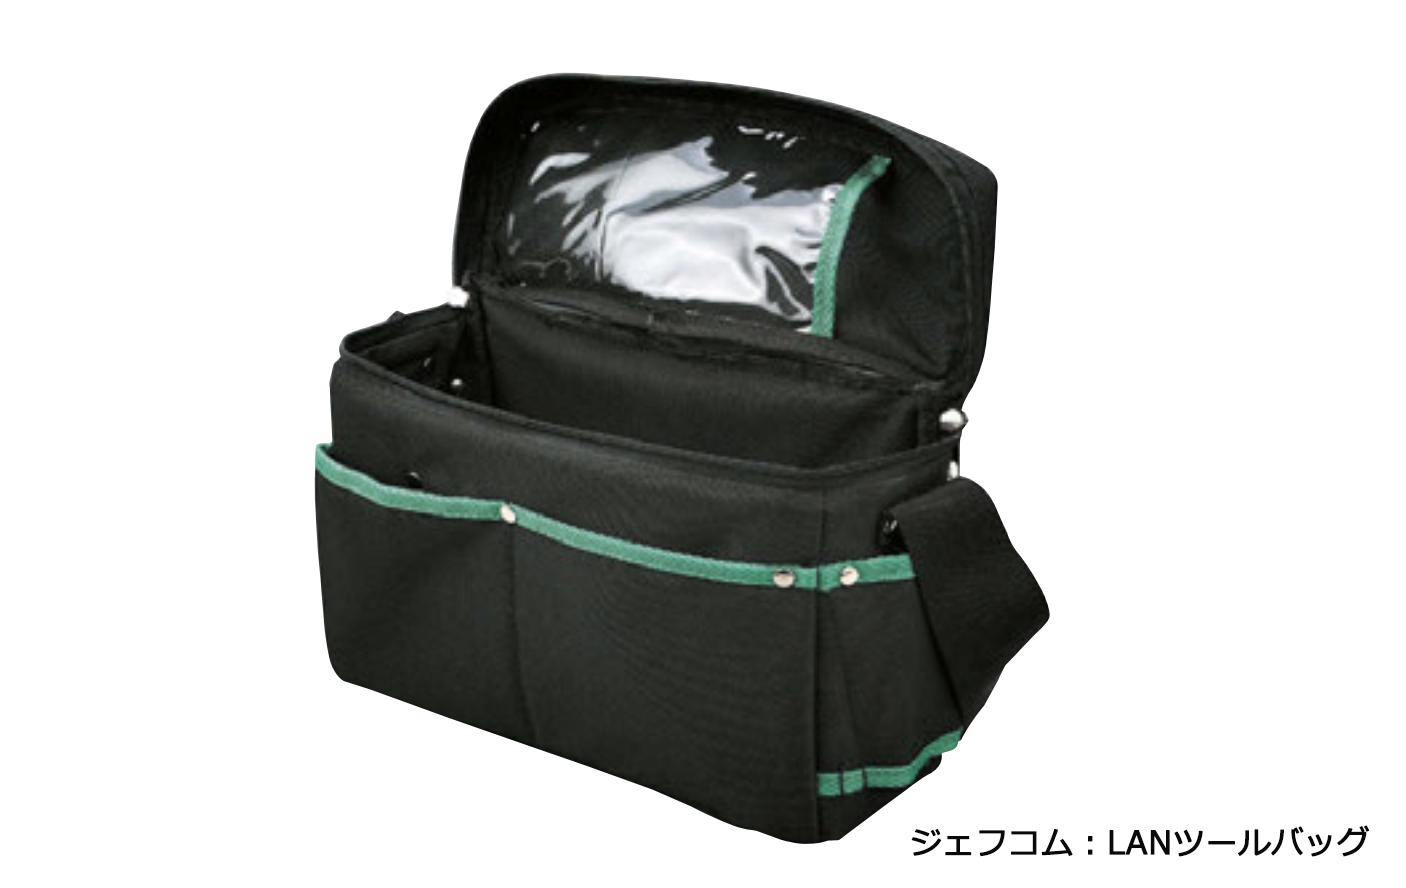 電工さんの工具箱 第25回「ツールバッグ」用途に合わせてスタイルいろいろ。の画像